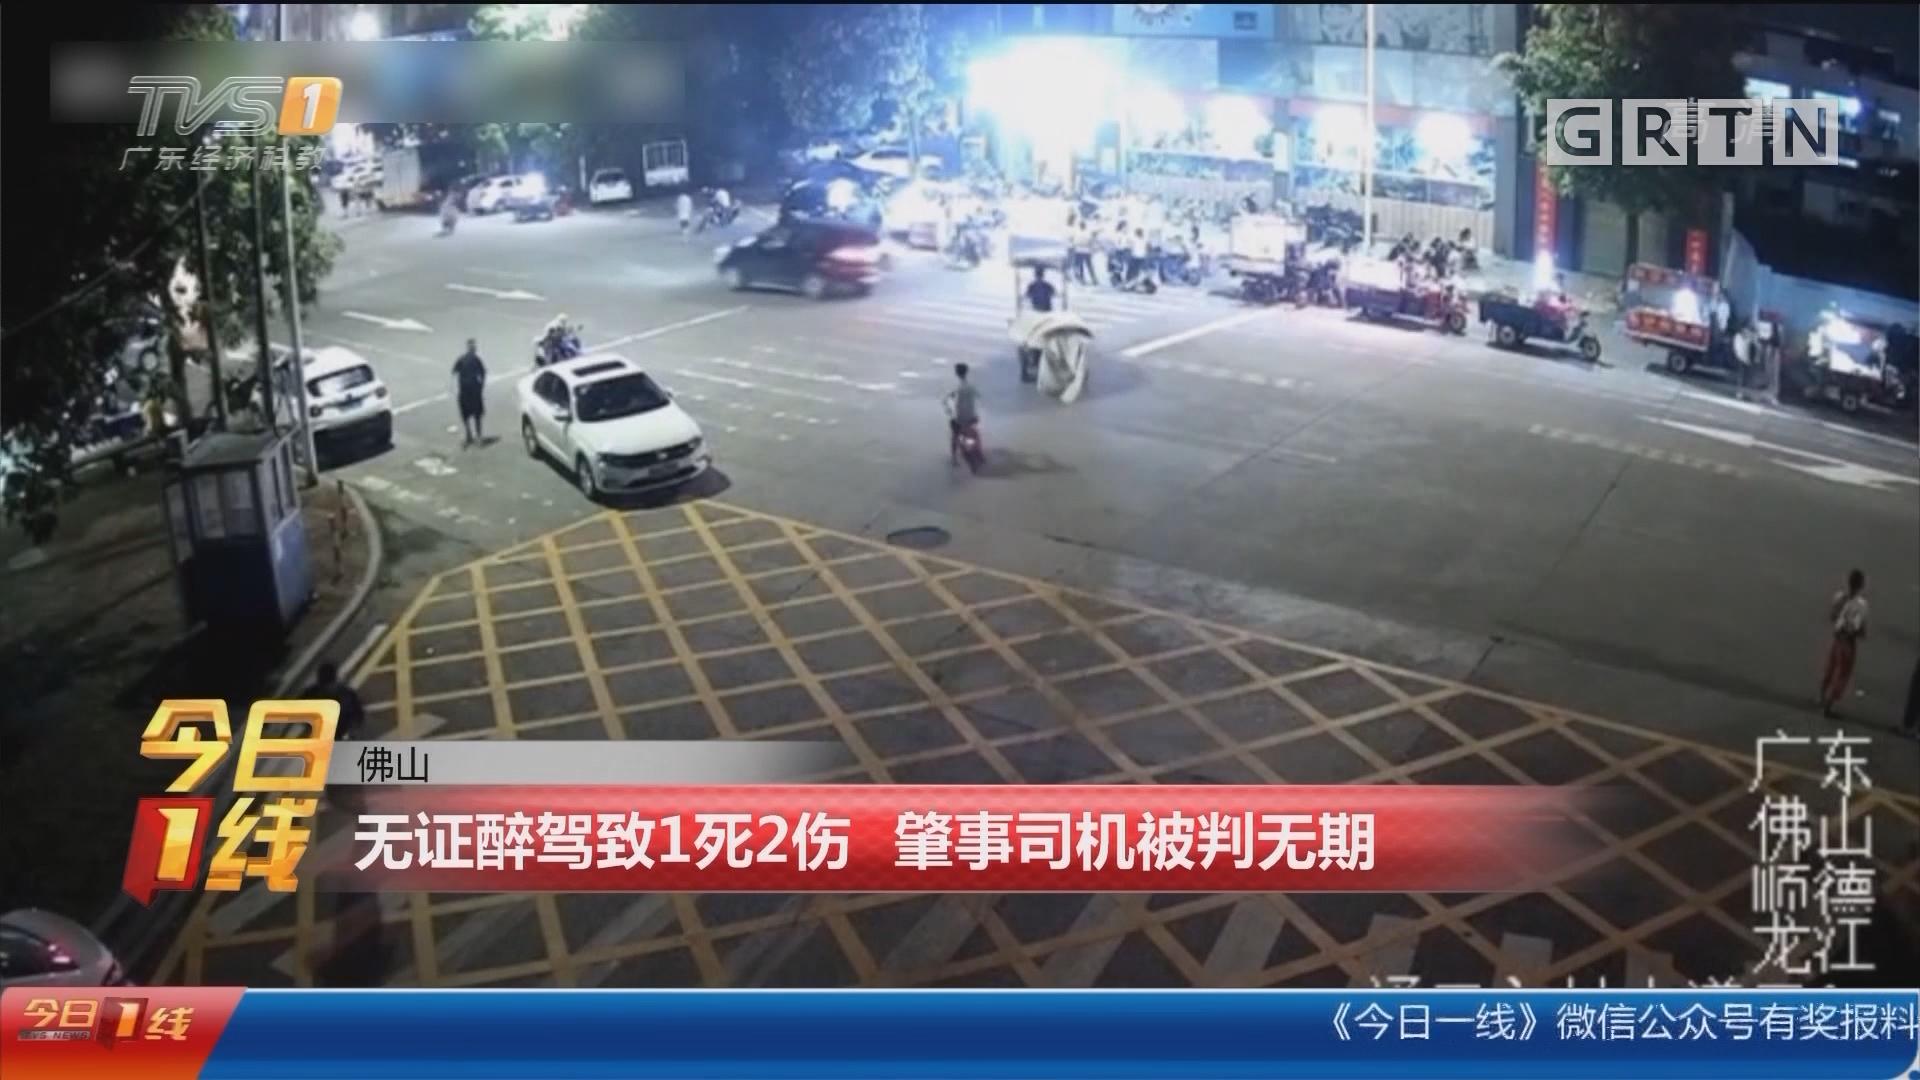 佛山:无证醉驾致1死2伤 肇事司机被判无期